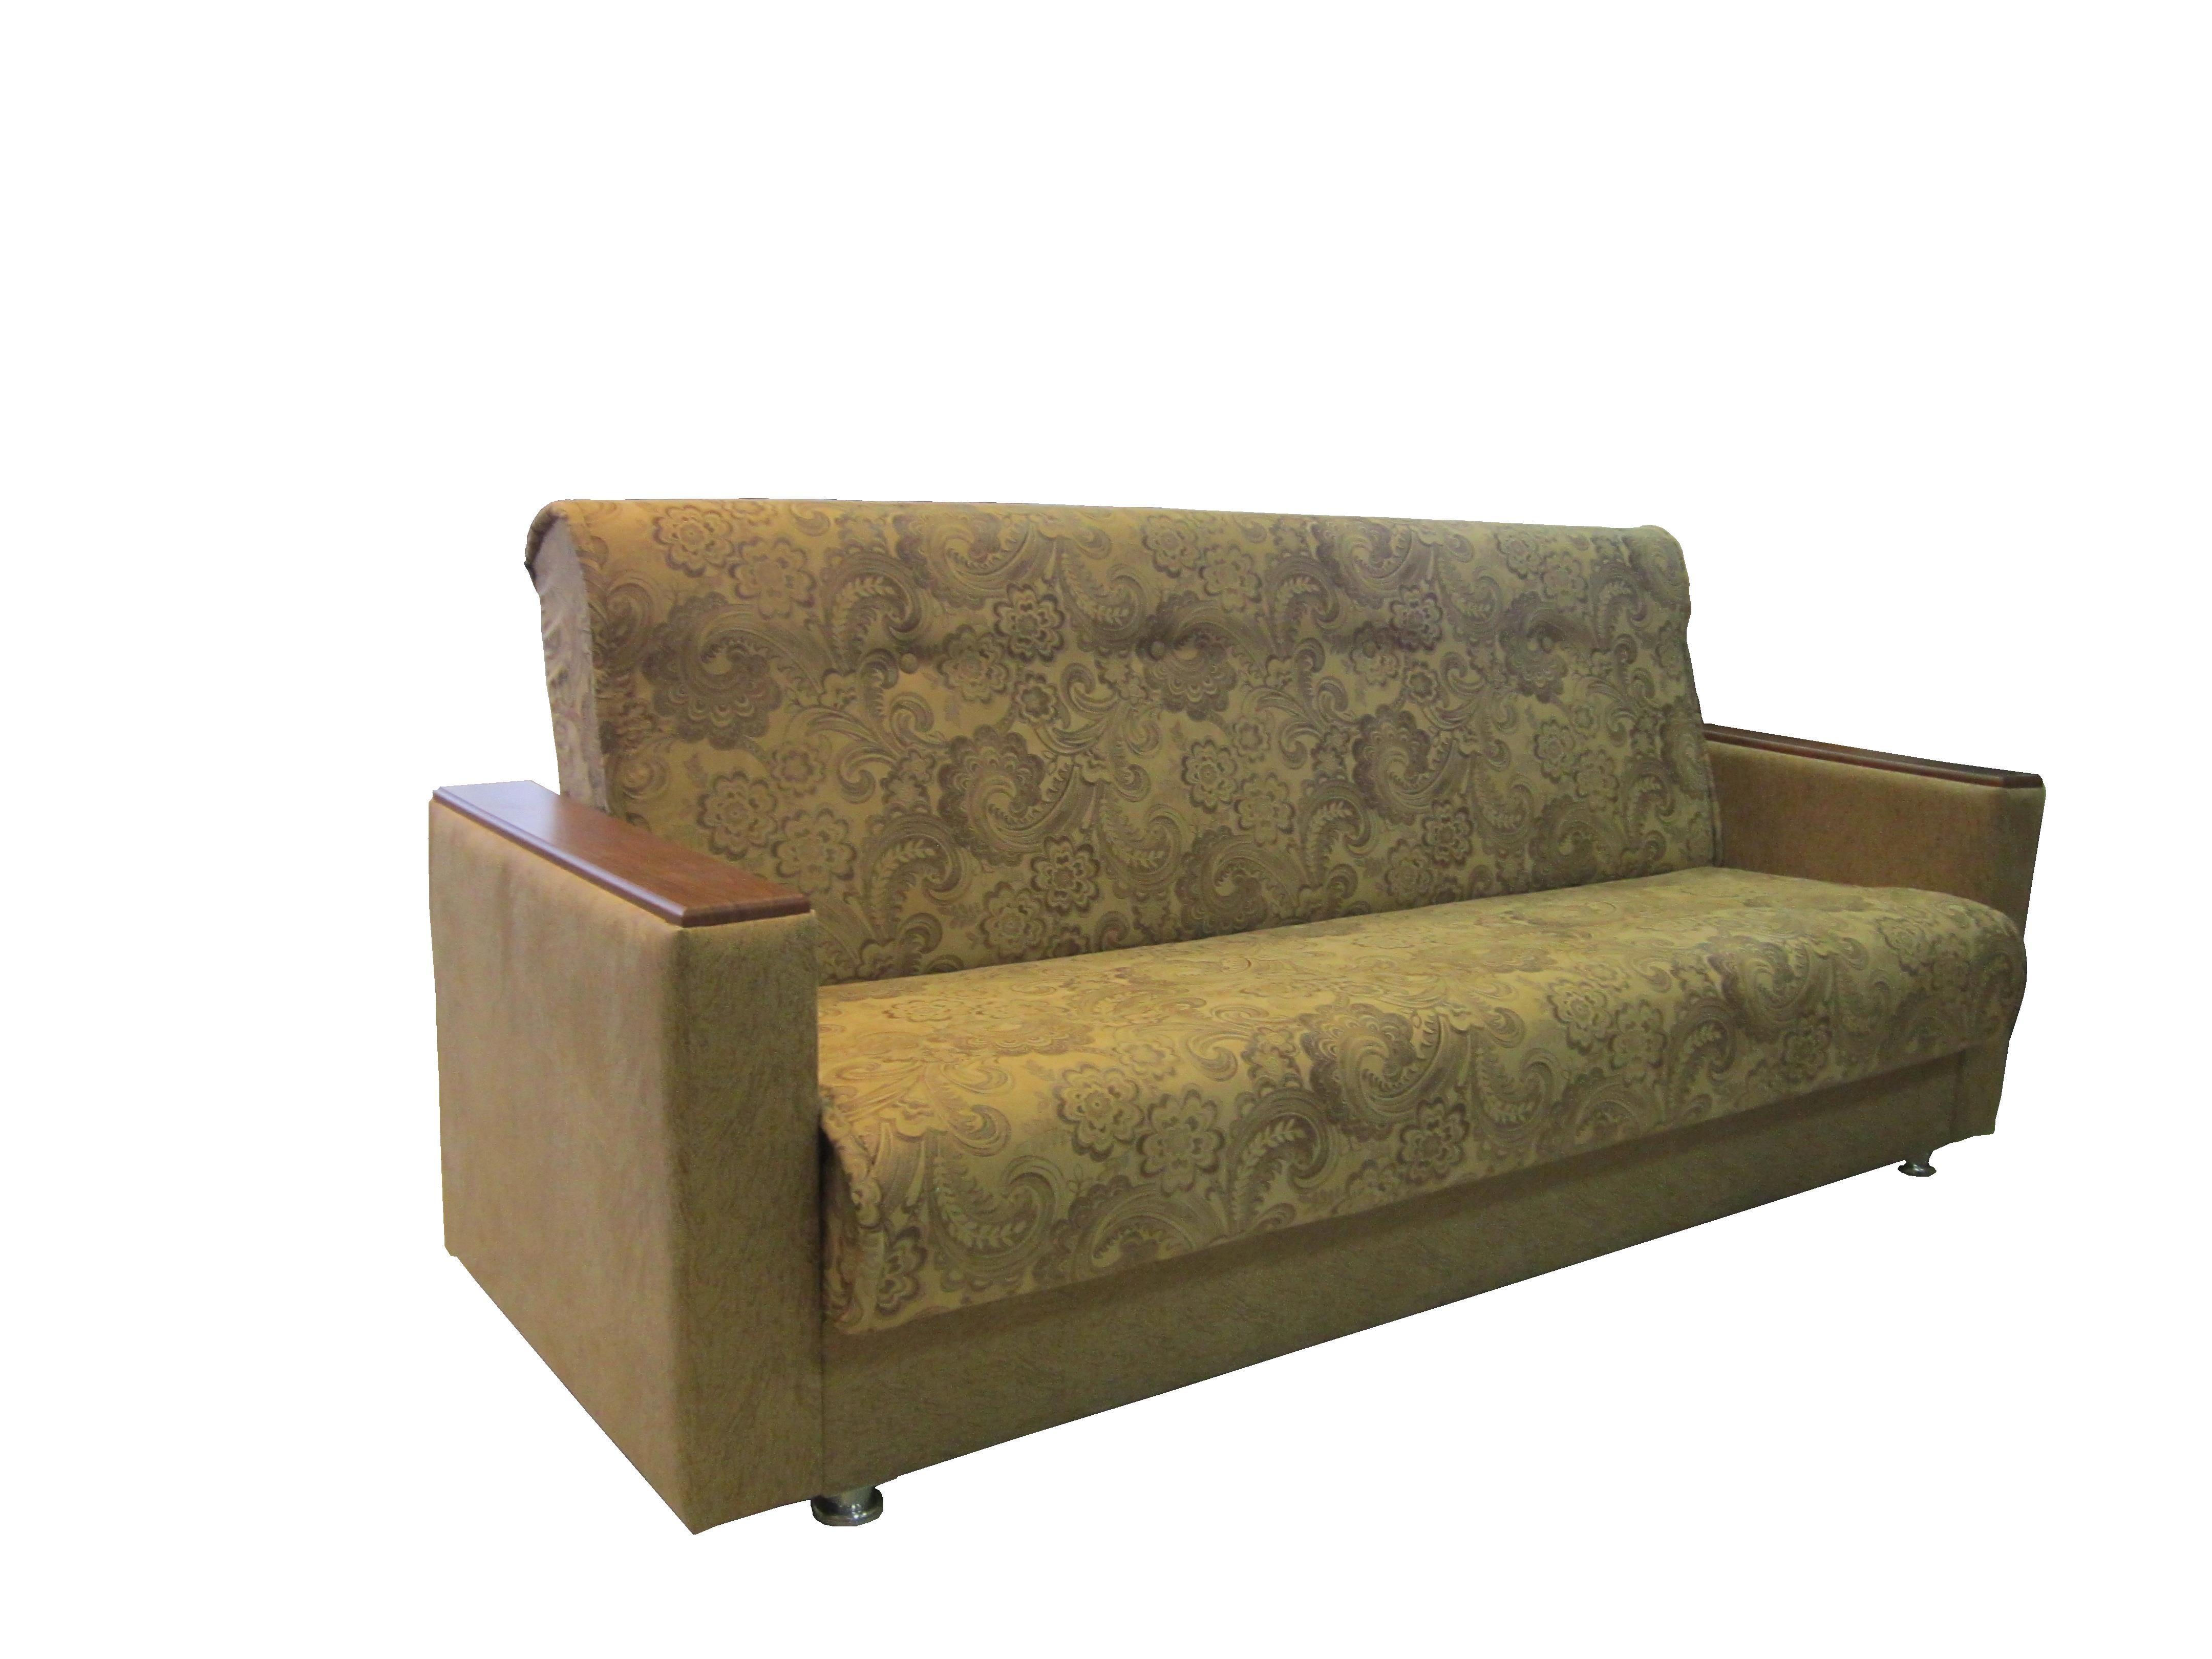 Fotos gratis : Retro, interior, foto, patrón, marrón, mueble ...